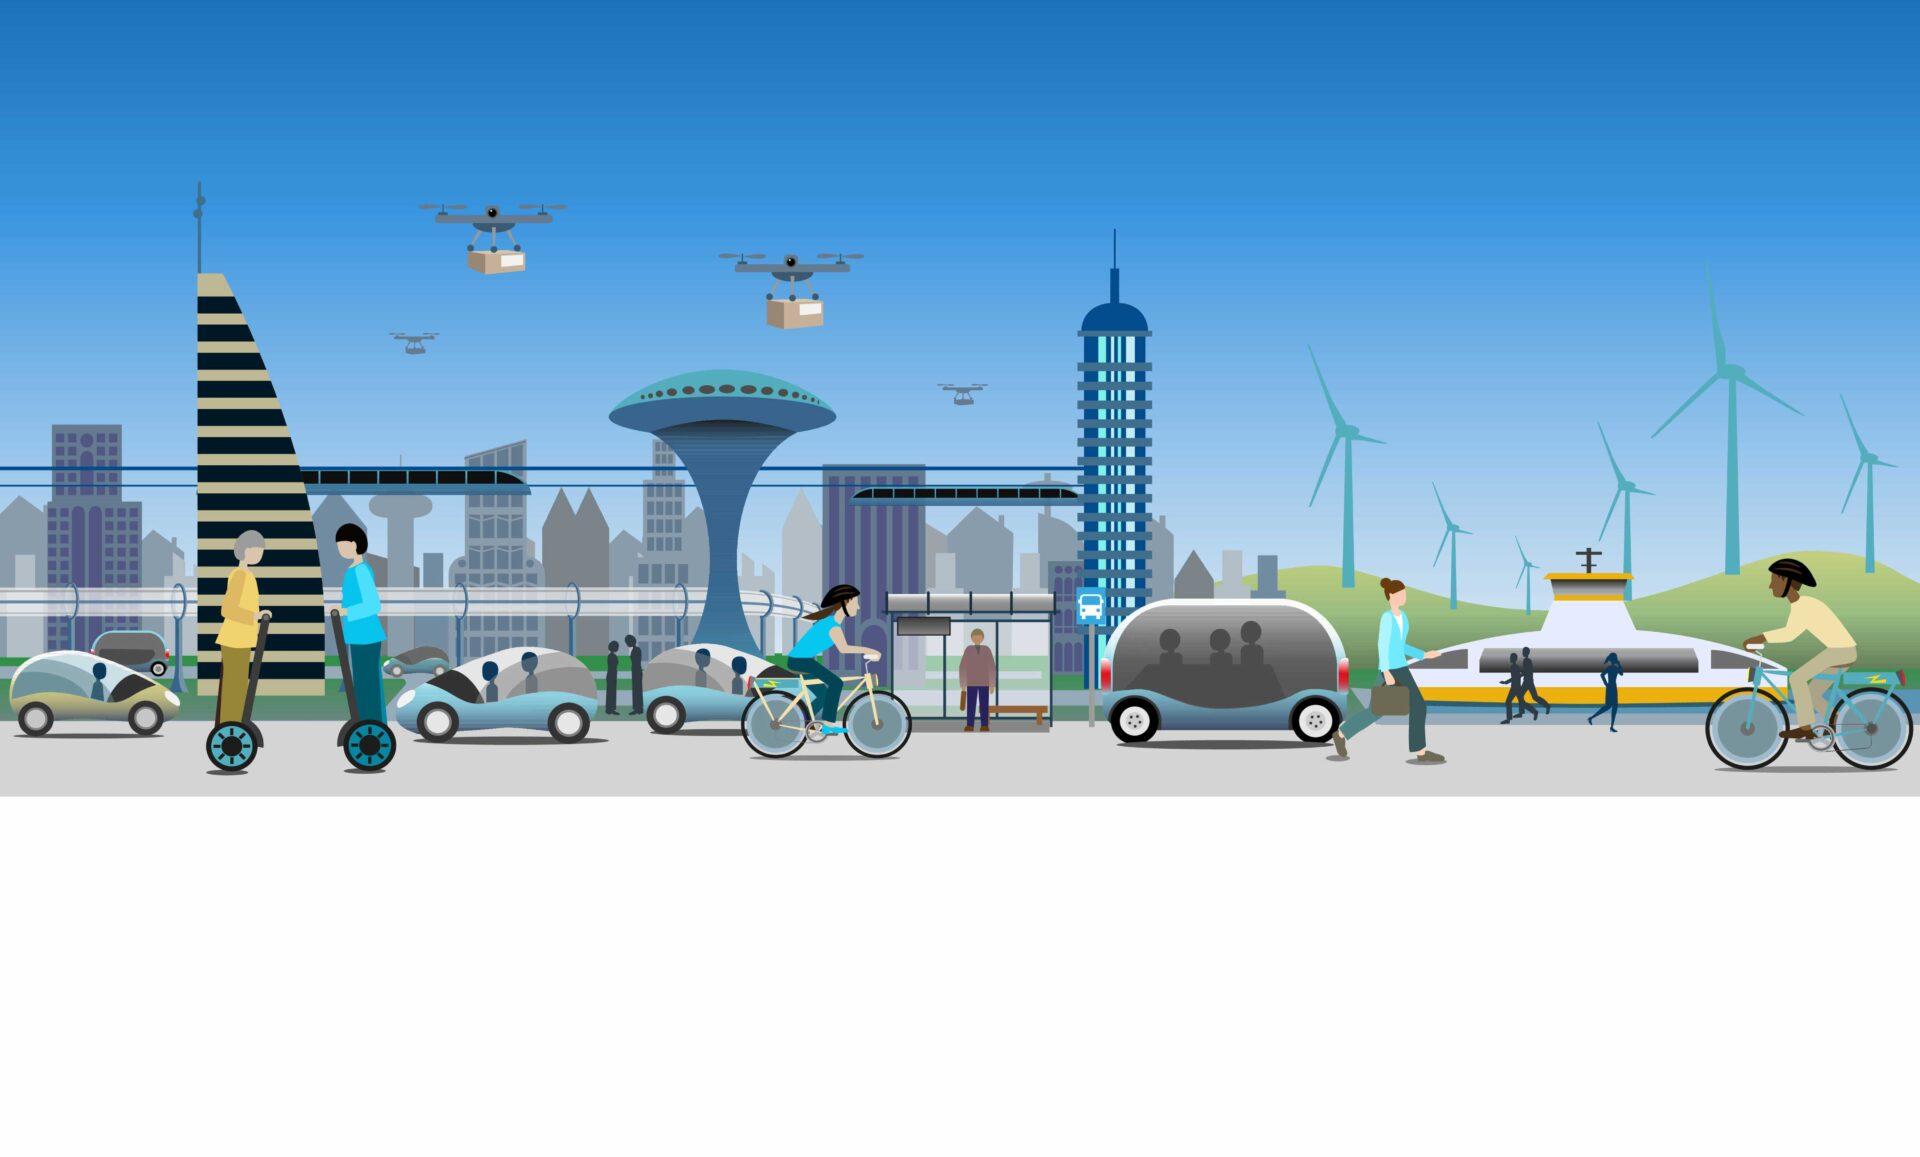 ville et mobilité futuriste grâce à l'électro-mobilité dans le secteur de la mobilité allemand